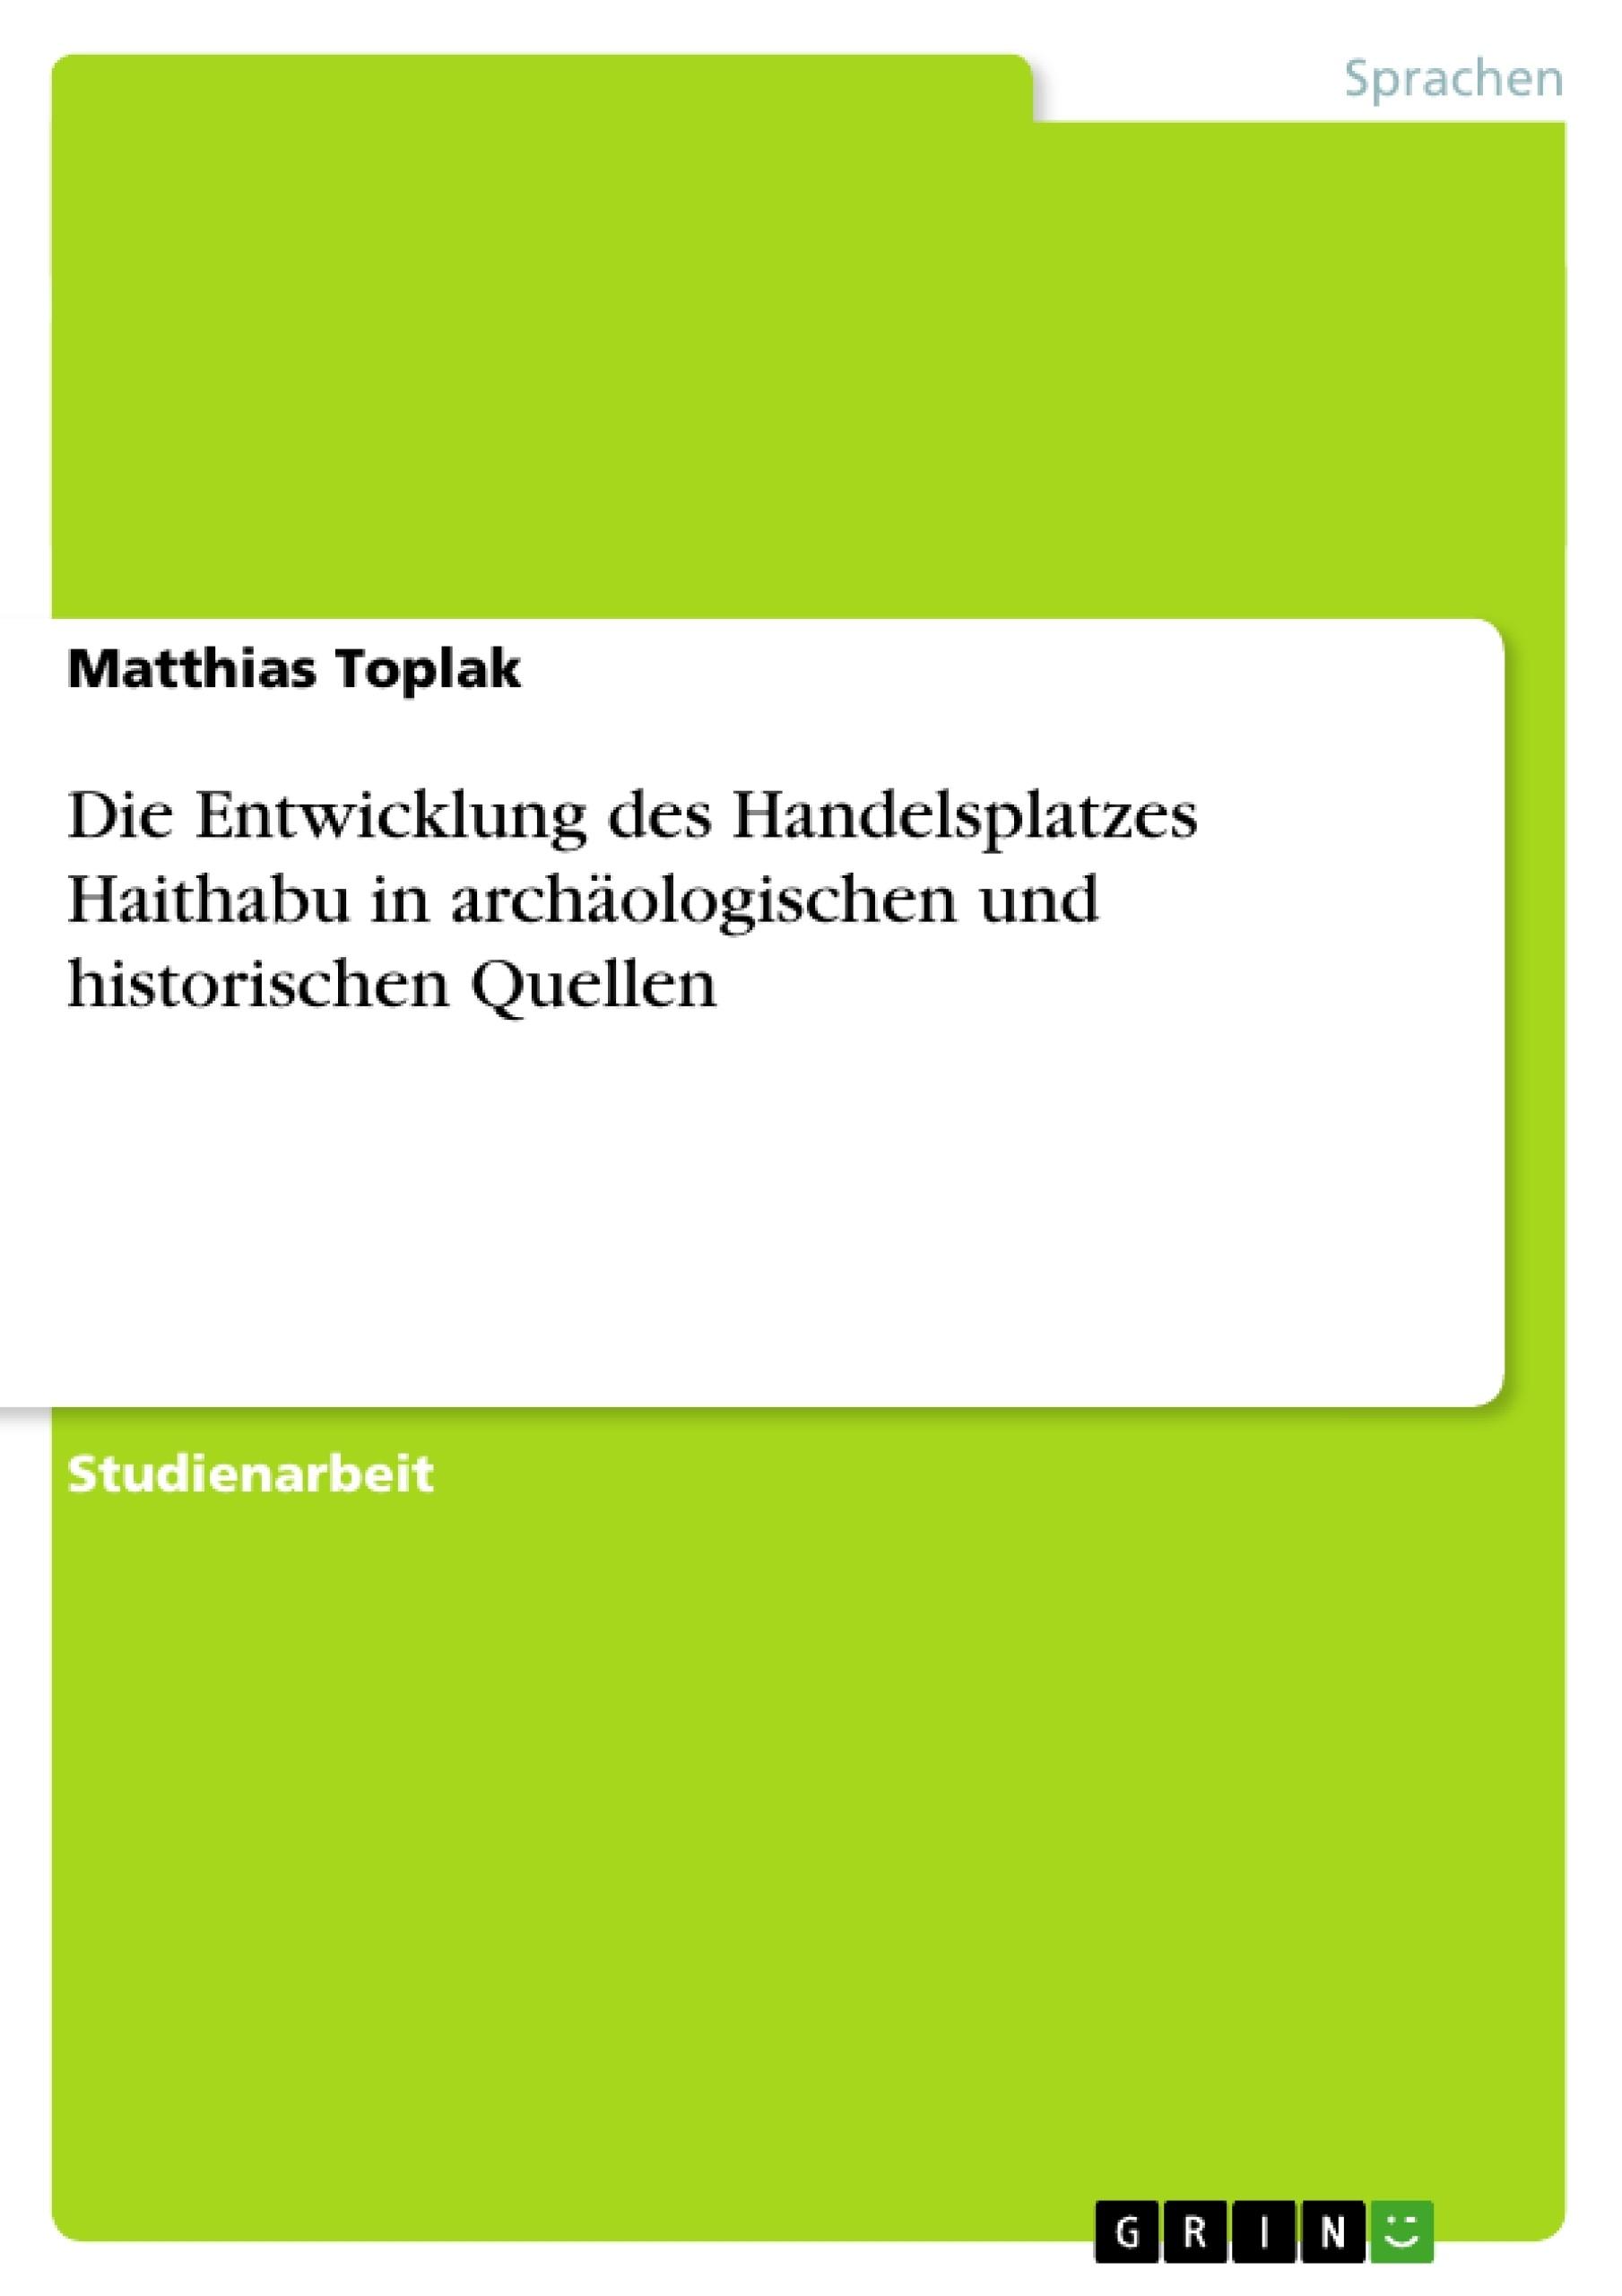 Titel: Die Entwicklung des Handelsplatzes Haithabu in archäologischen und historischen Quellen